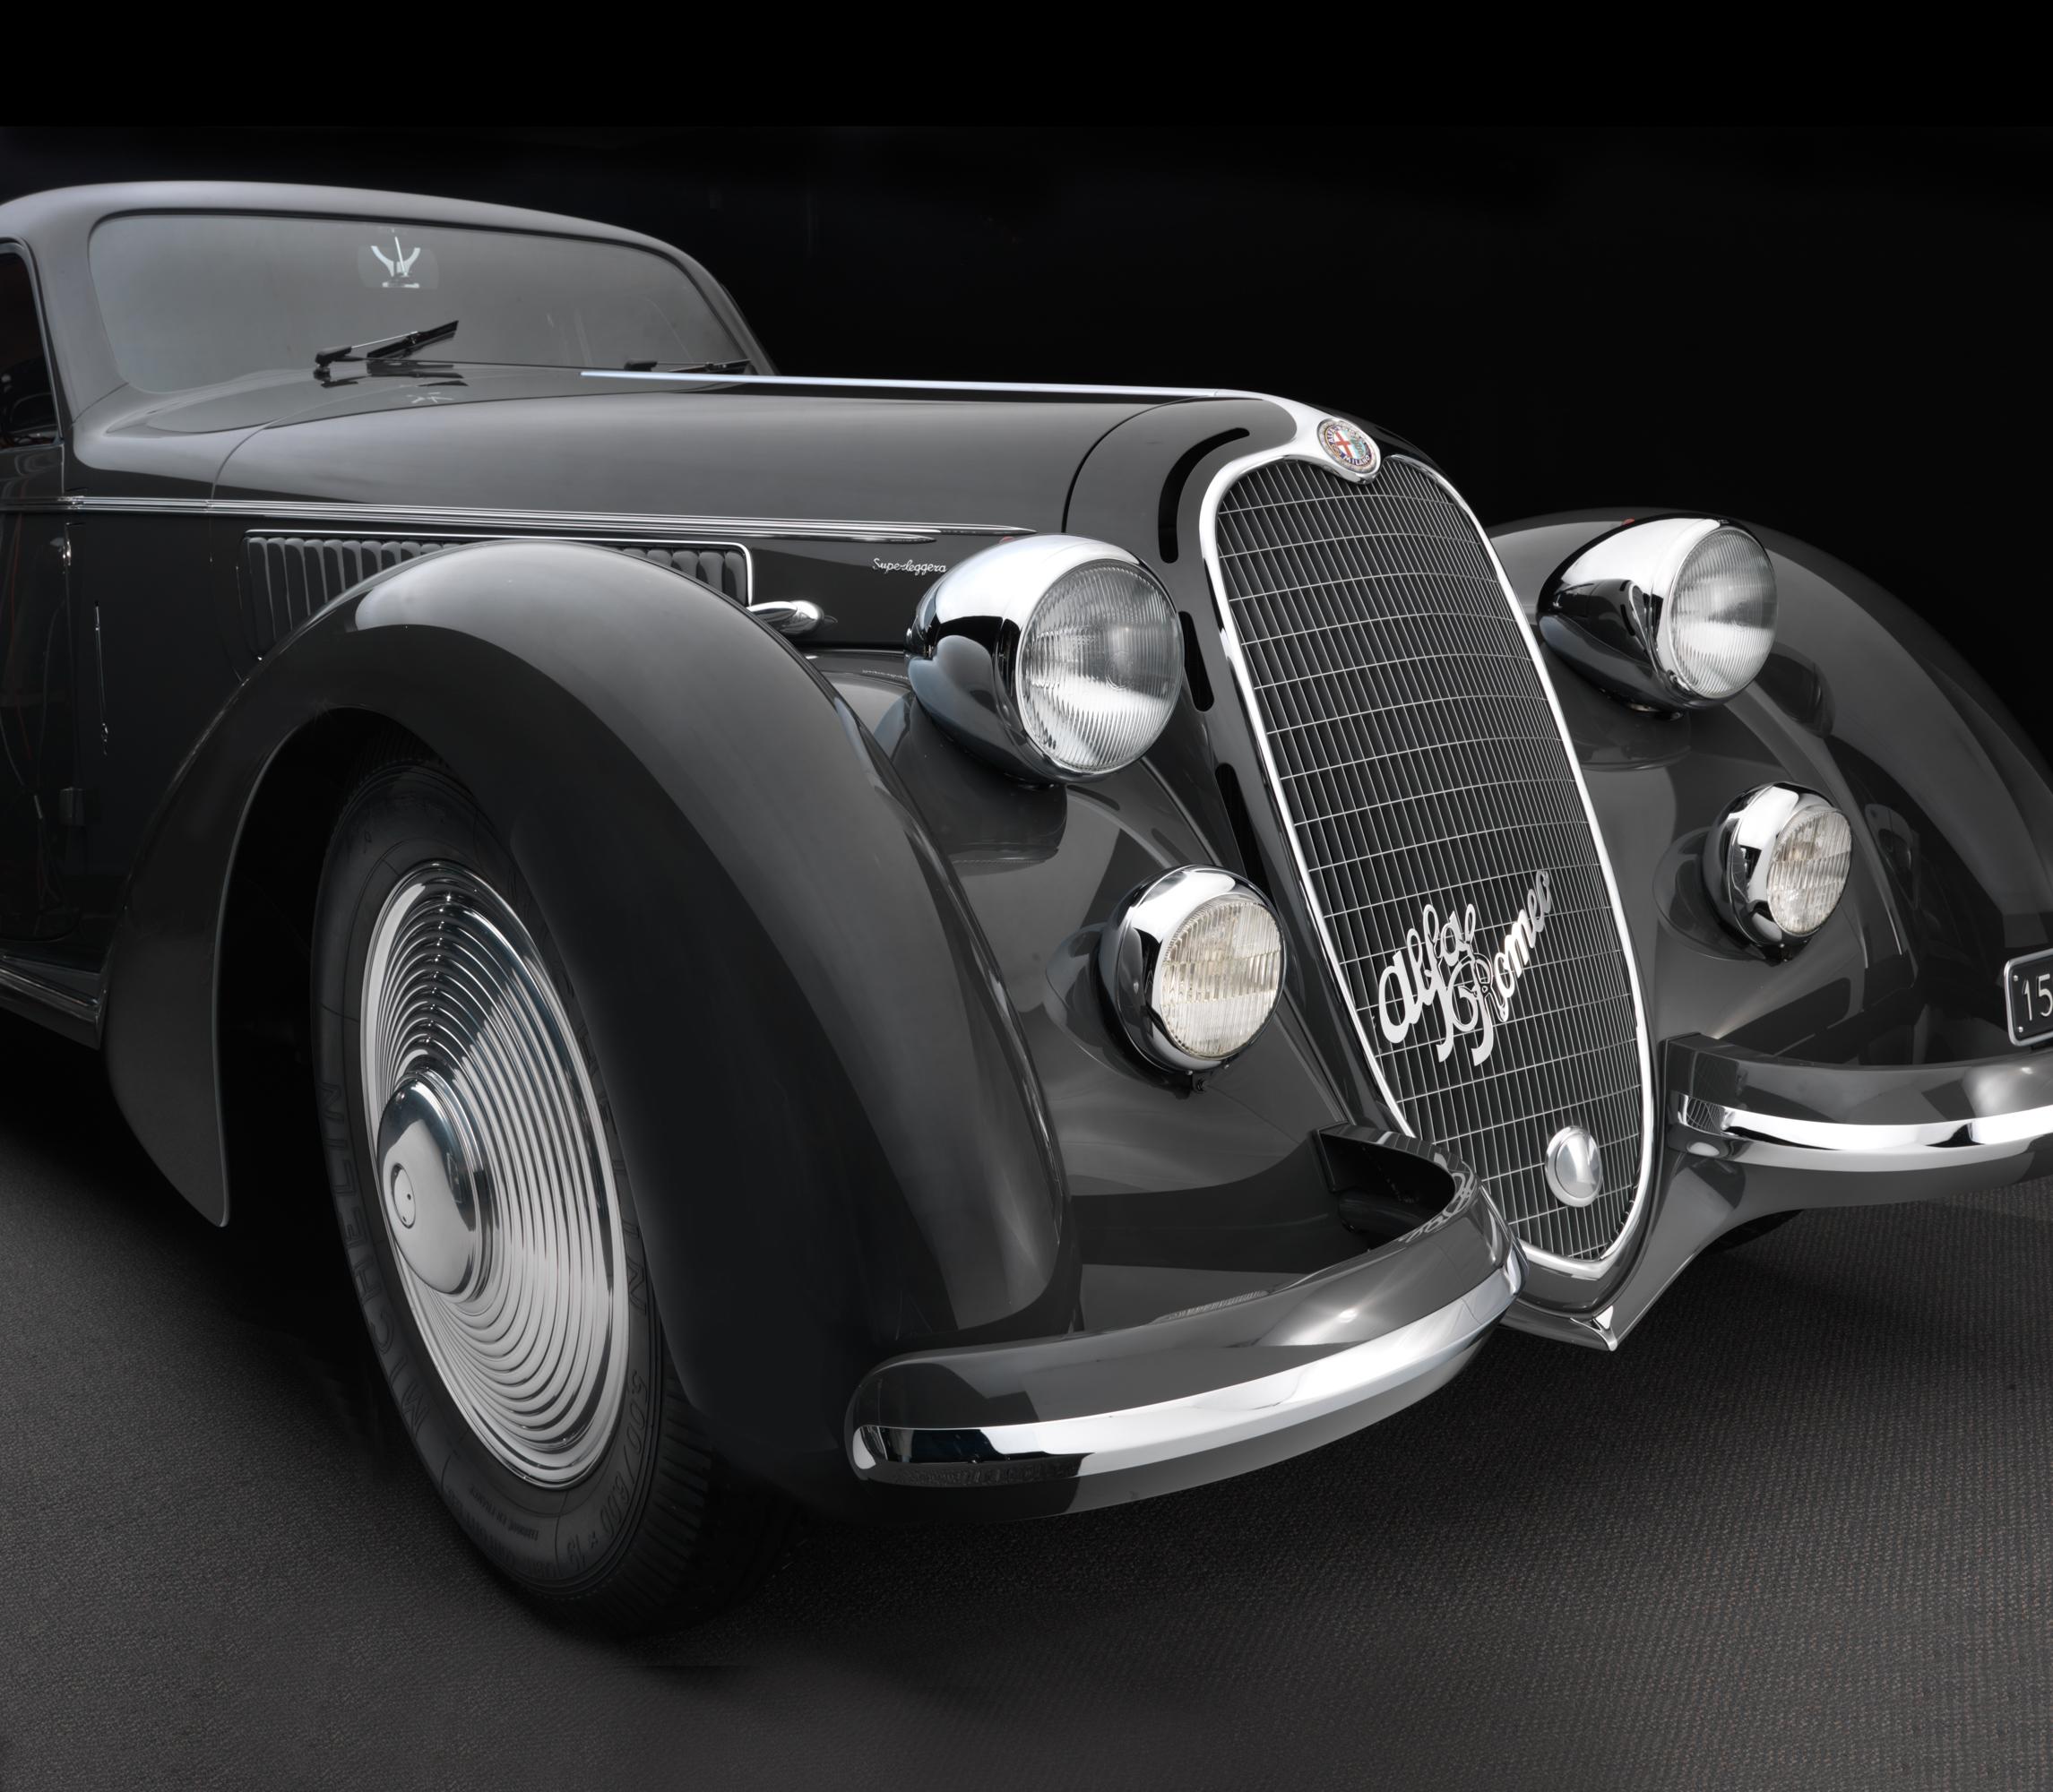 1937 Alfa Romeo 8C 2900 B Berlinetta (Touring)